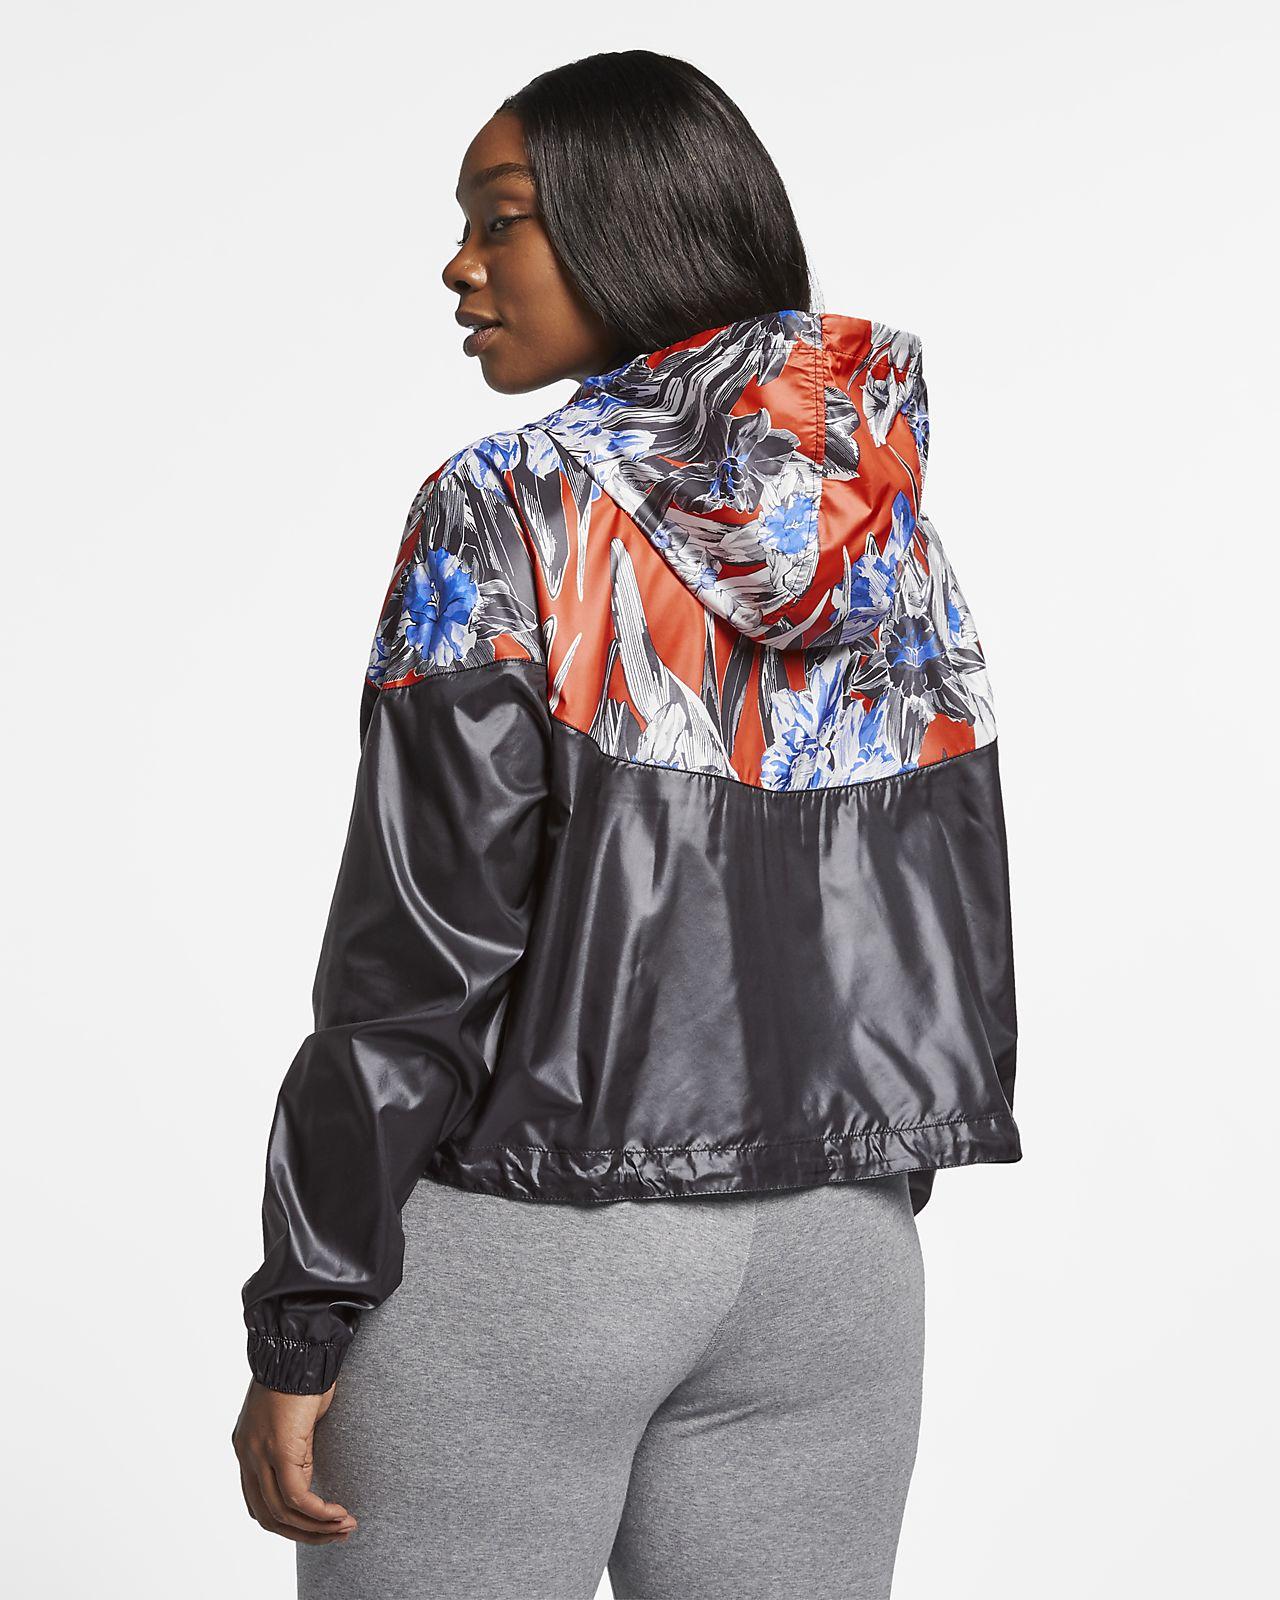 8987fa67e62 ... Nike Sportswear Windrunner Women s Cropped Floral Jacket (Plus Size)